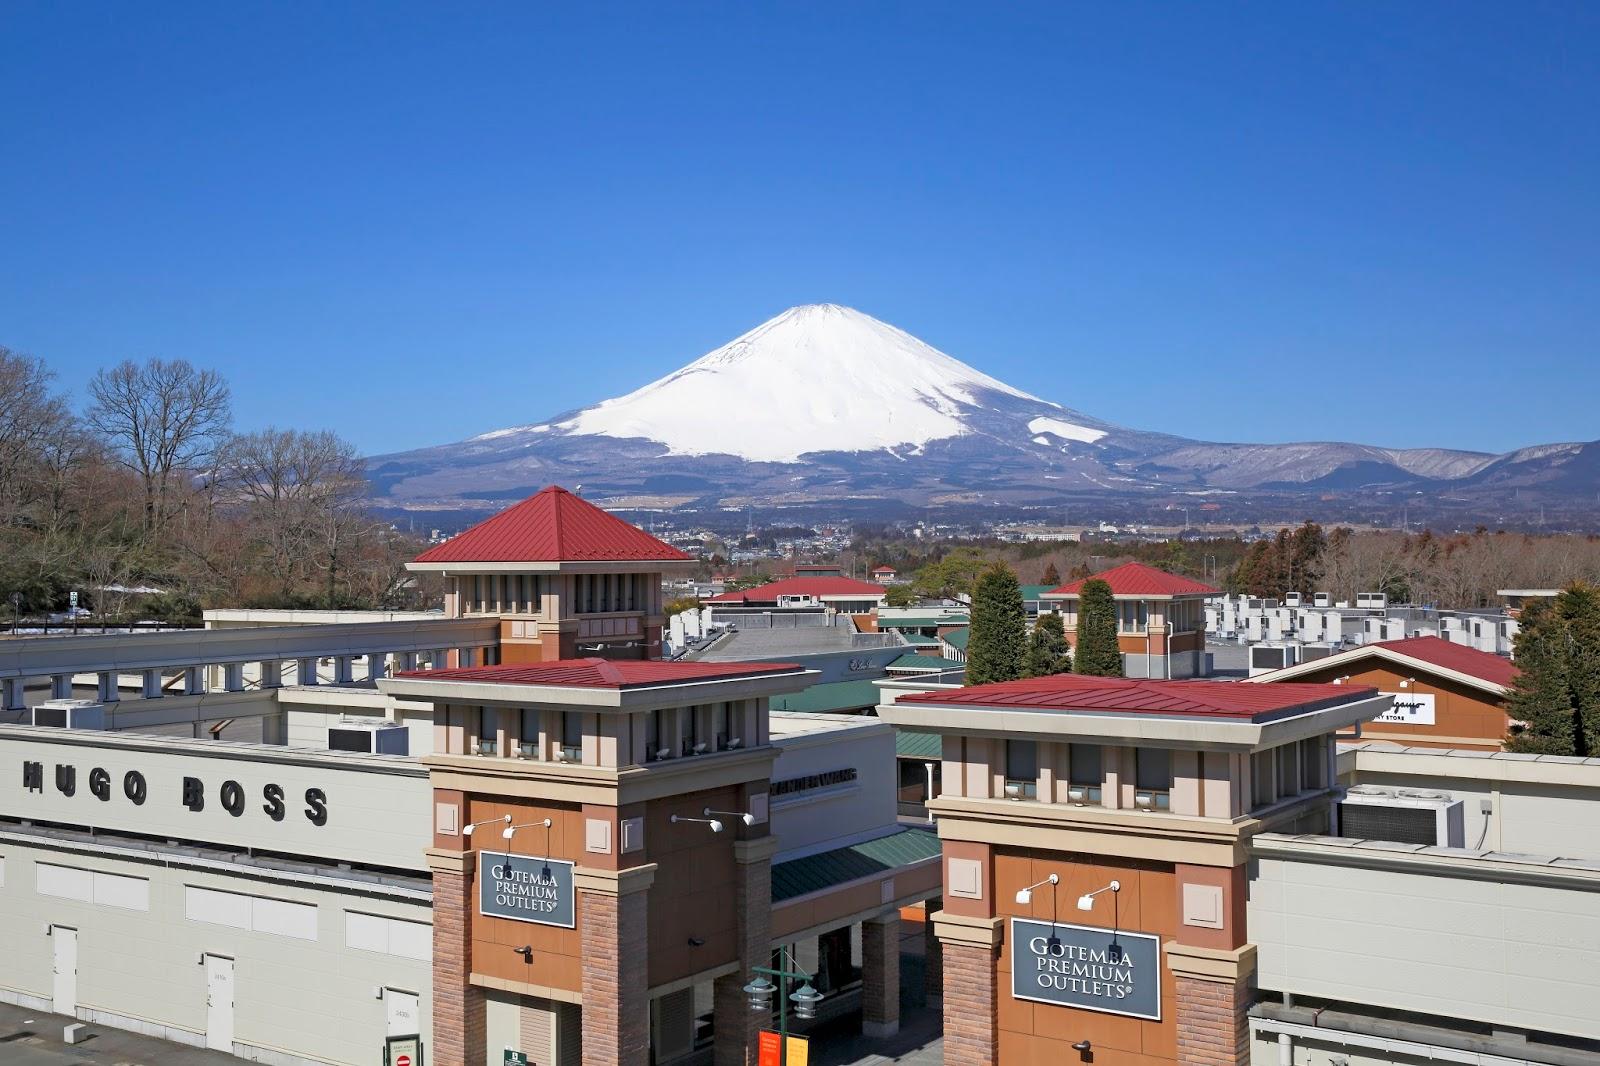 御殿場プレミアム・アウトレット(富士・箱根観光